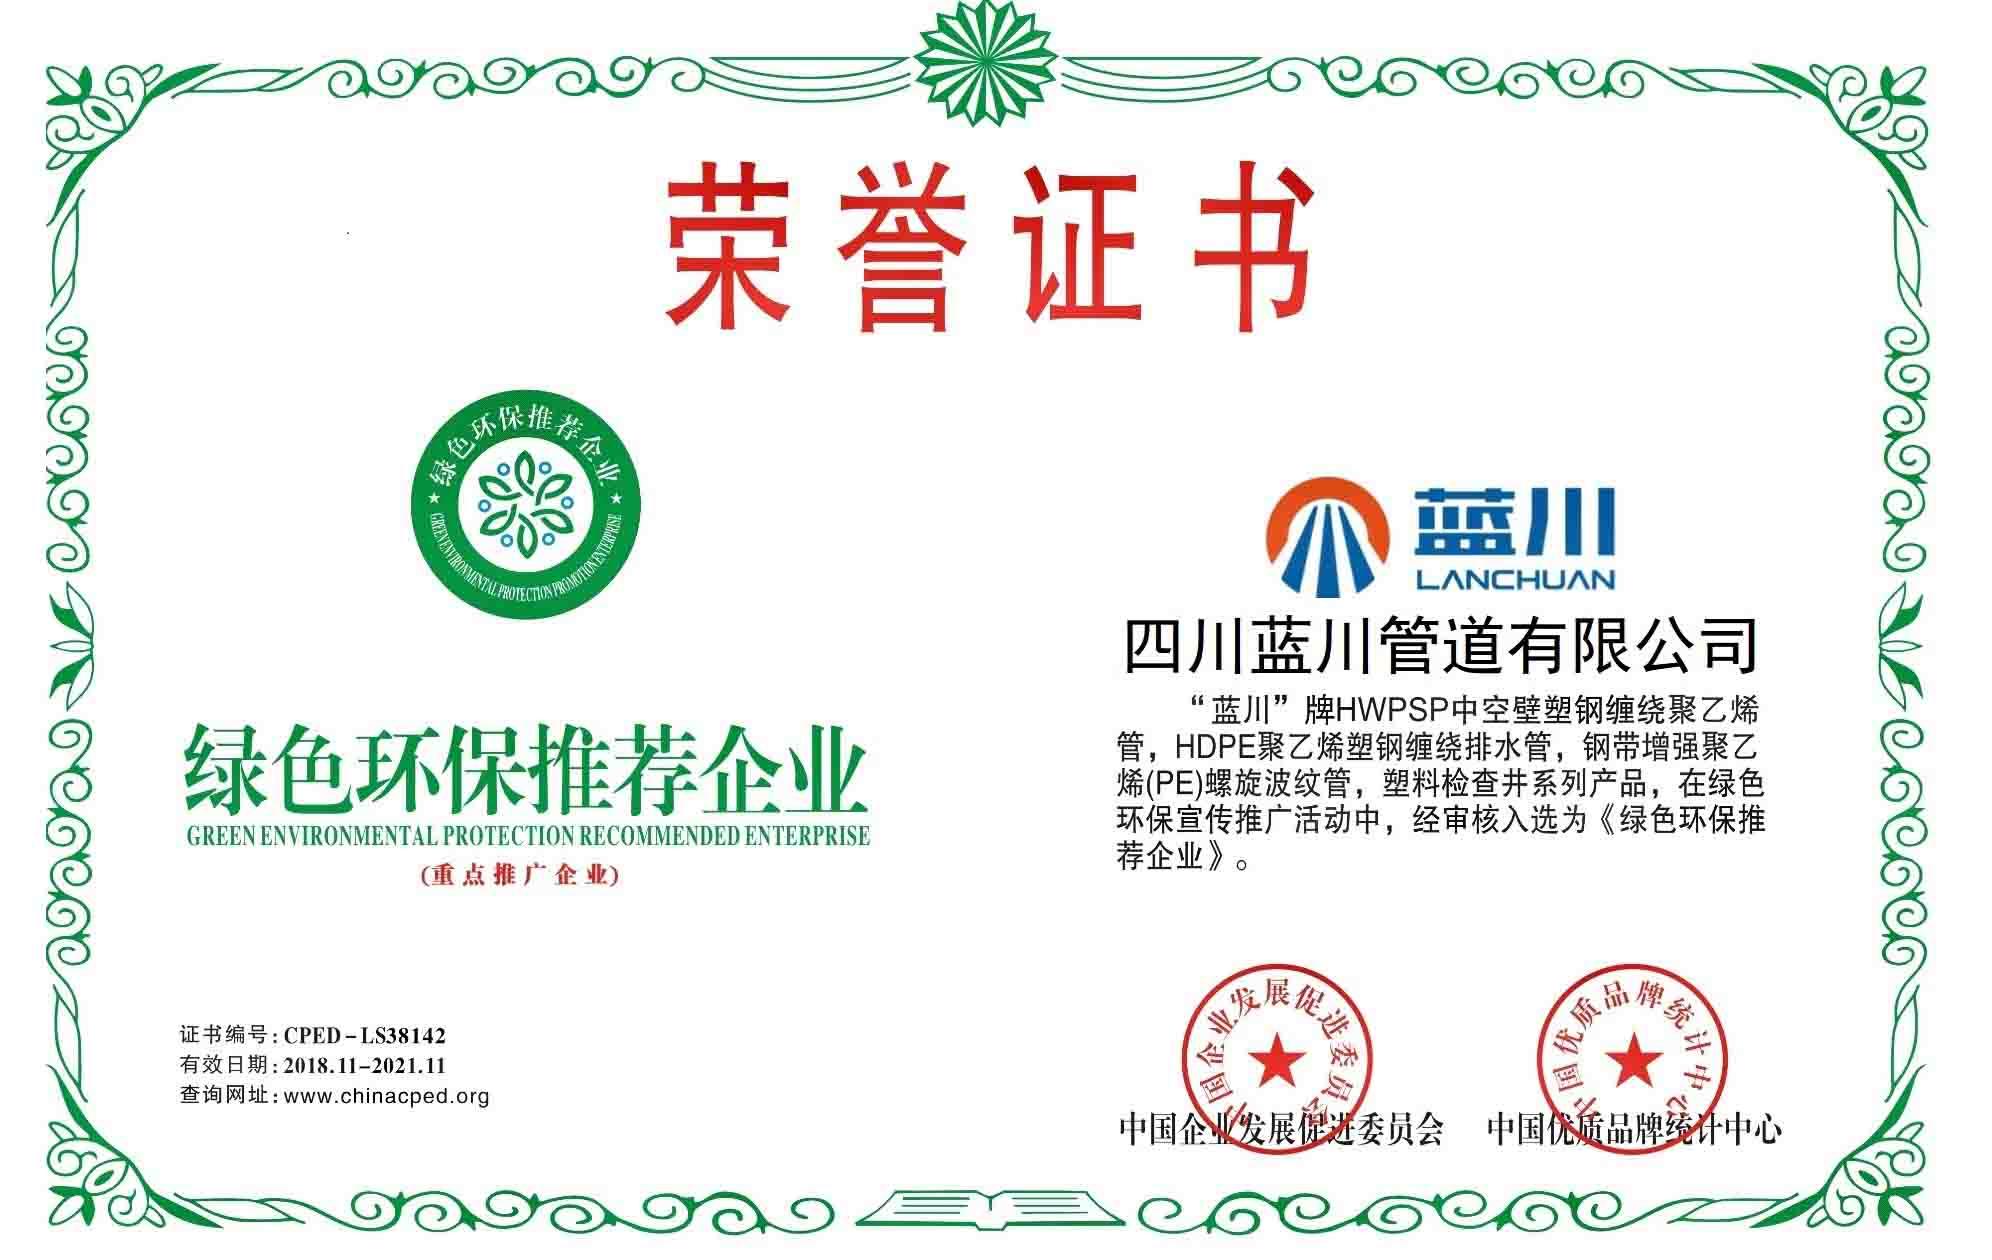 绿色环保推荐企业